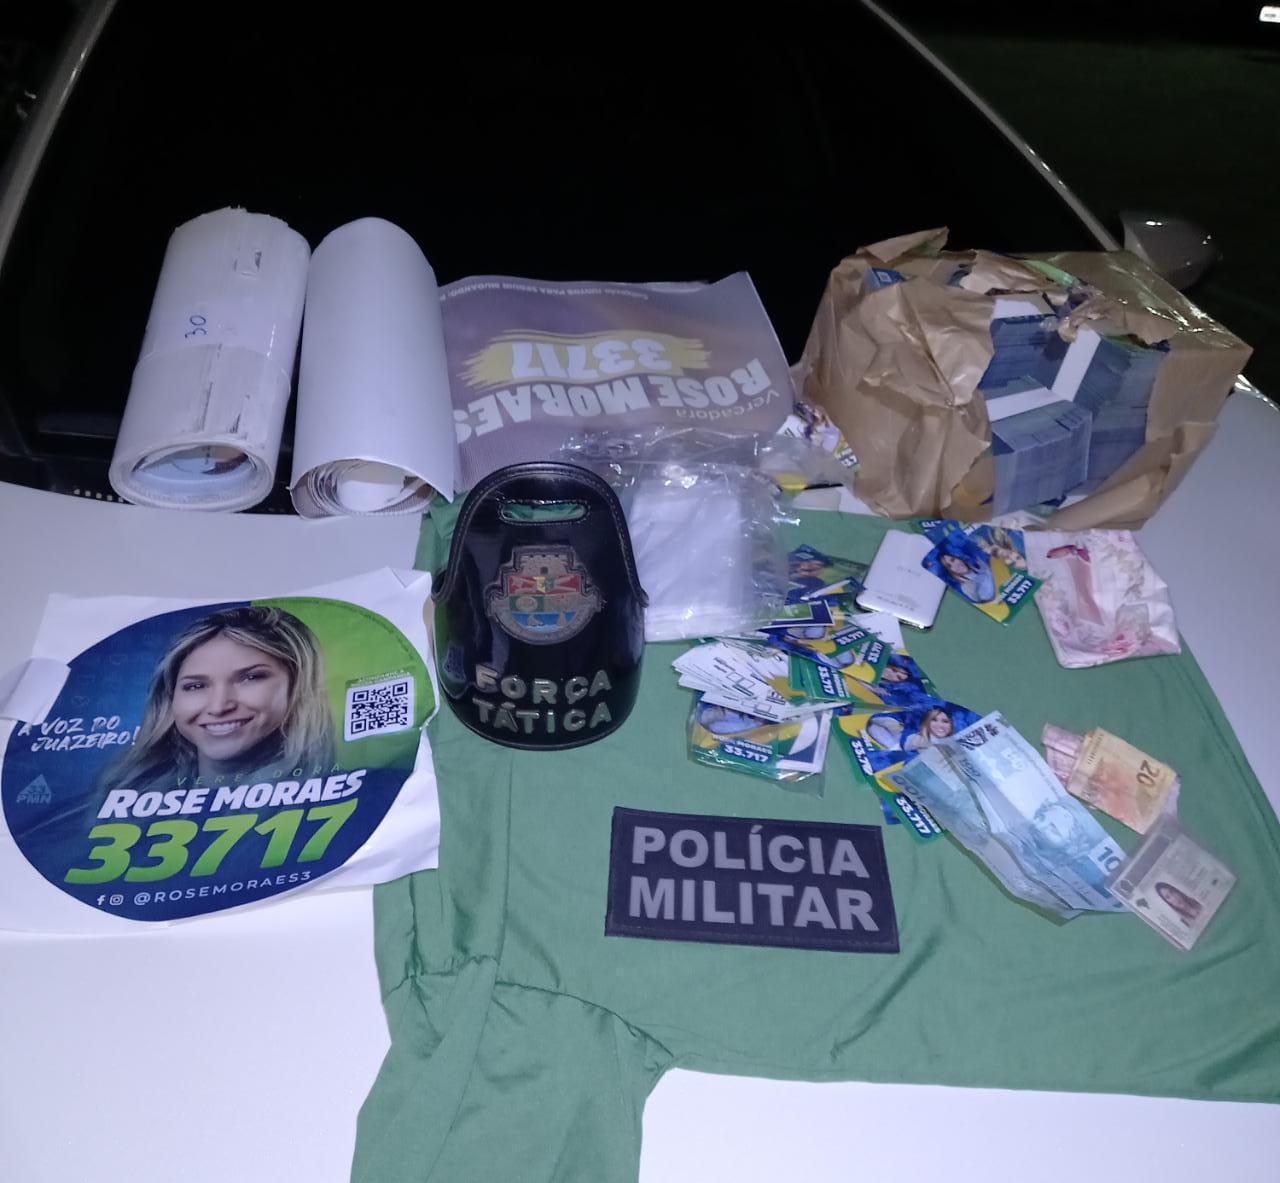 Foto: Polícia Militar do Ceará/Divulgação